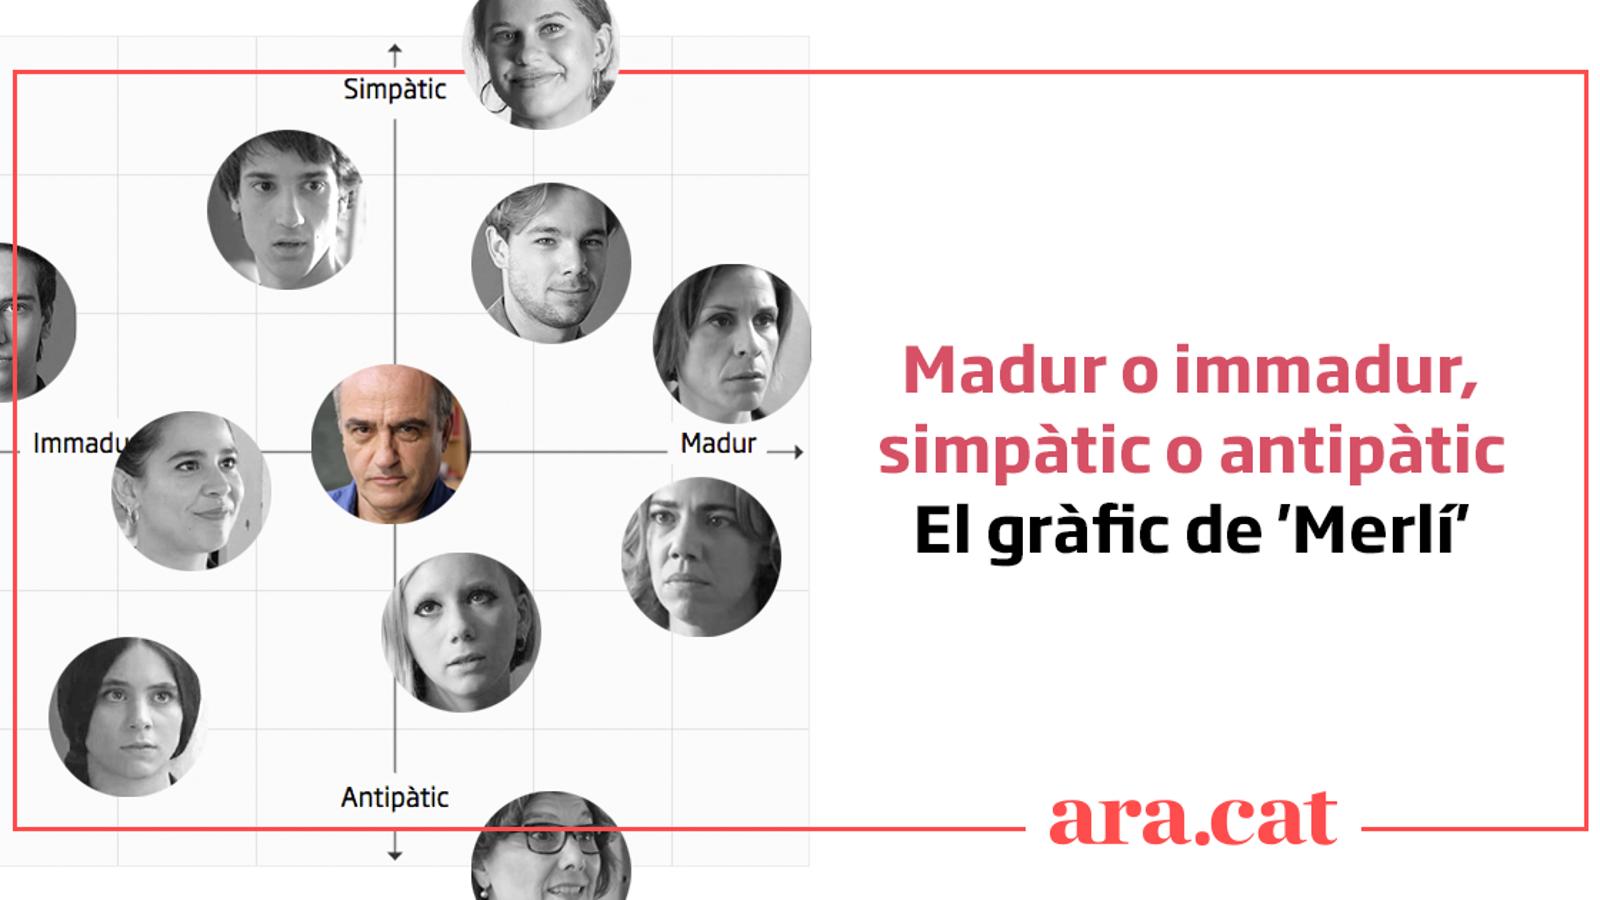 El gràfic de 'Merlí': Madur o immadur, cau bé o malament